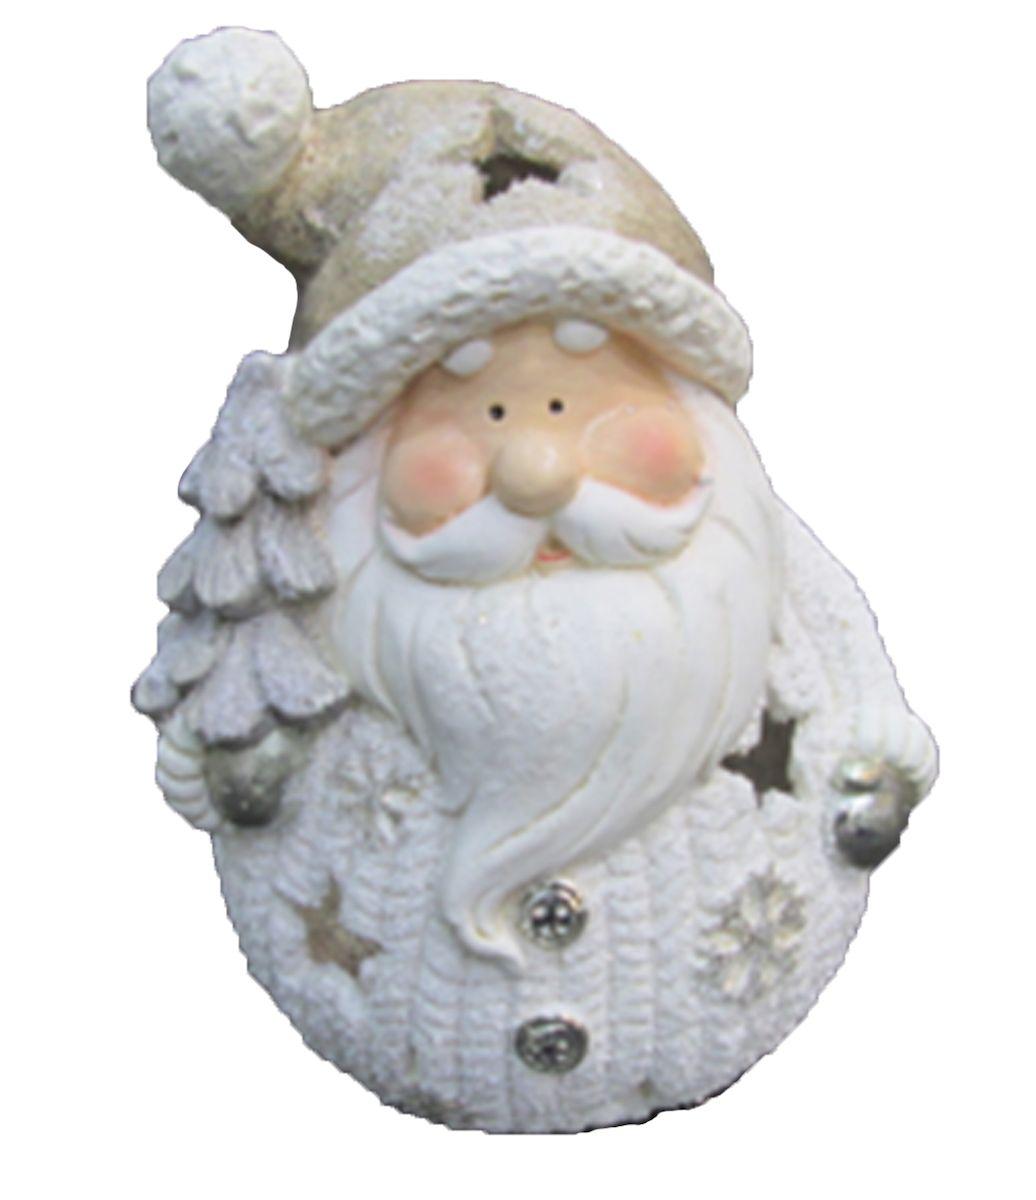 Подсвечник новогодний Magic Time Дед Мороз с елочкой, 24,5 x 20 x 33 см mag2000 дед мороз с домиком подсвечник 9 7 x 6 2 x 9 5 см